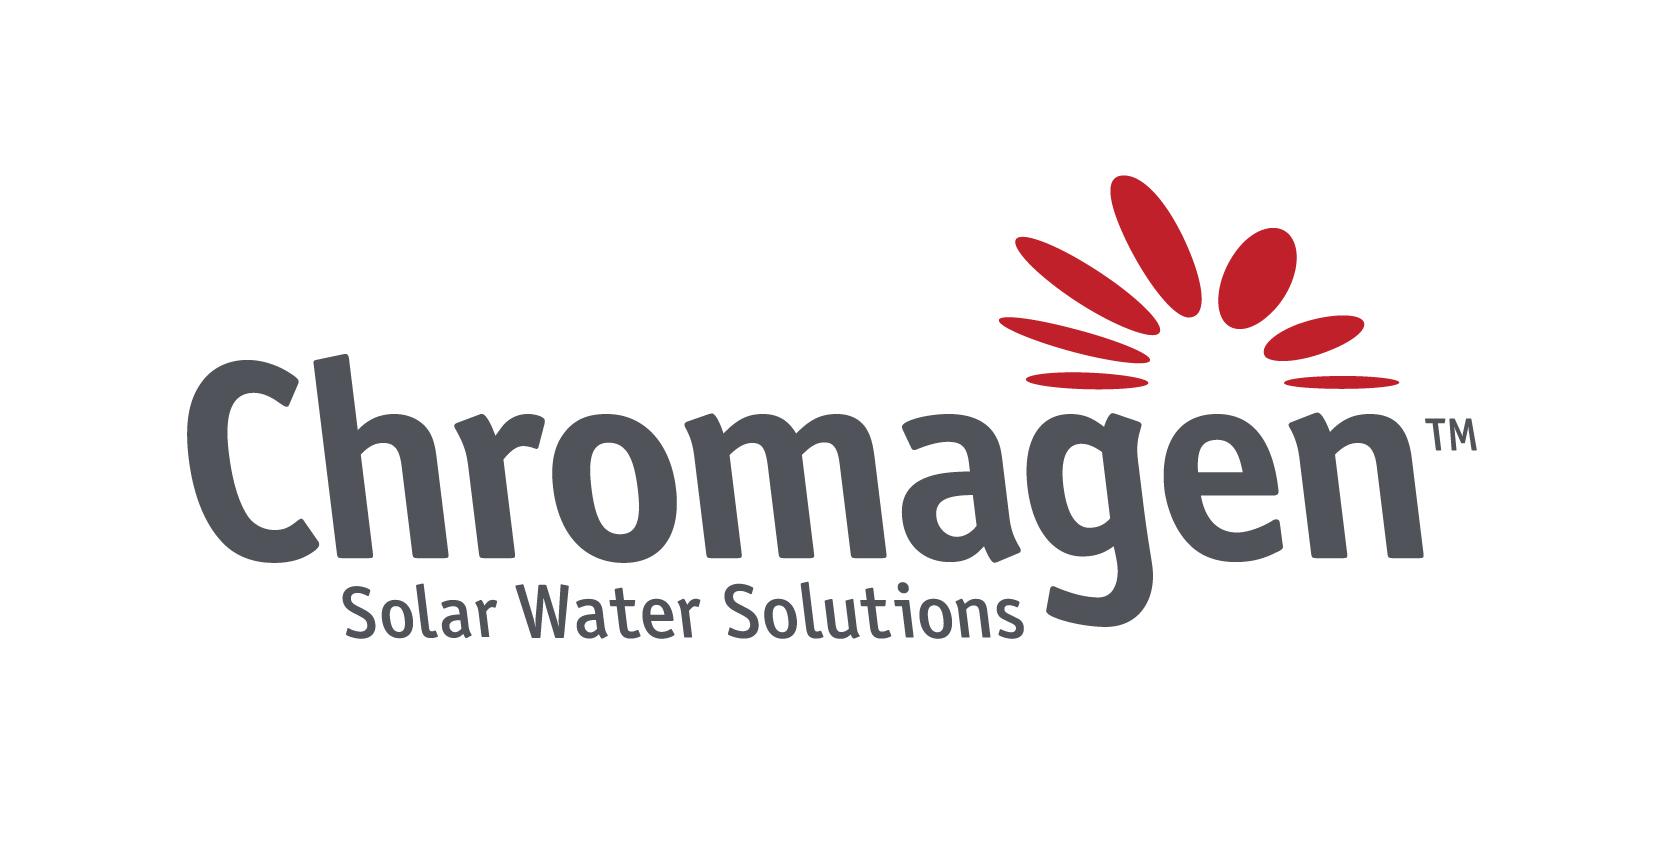 chromagen_logo_2010